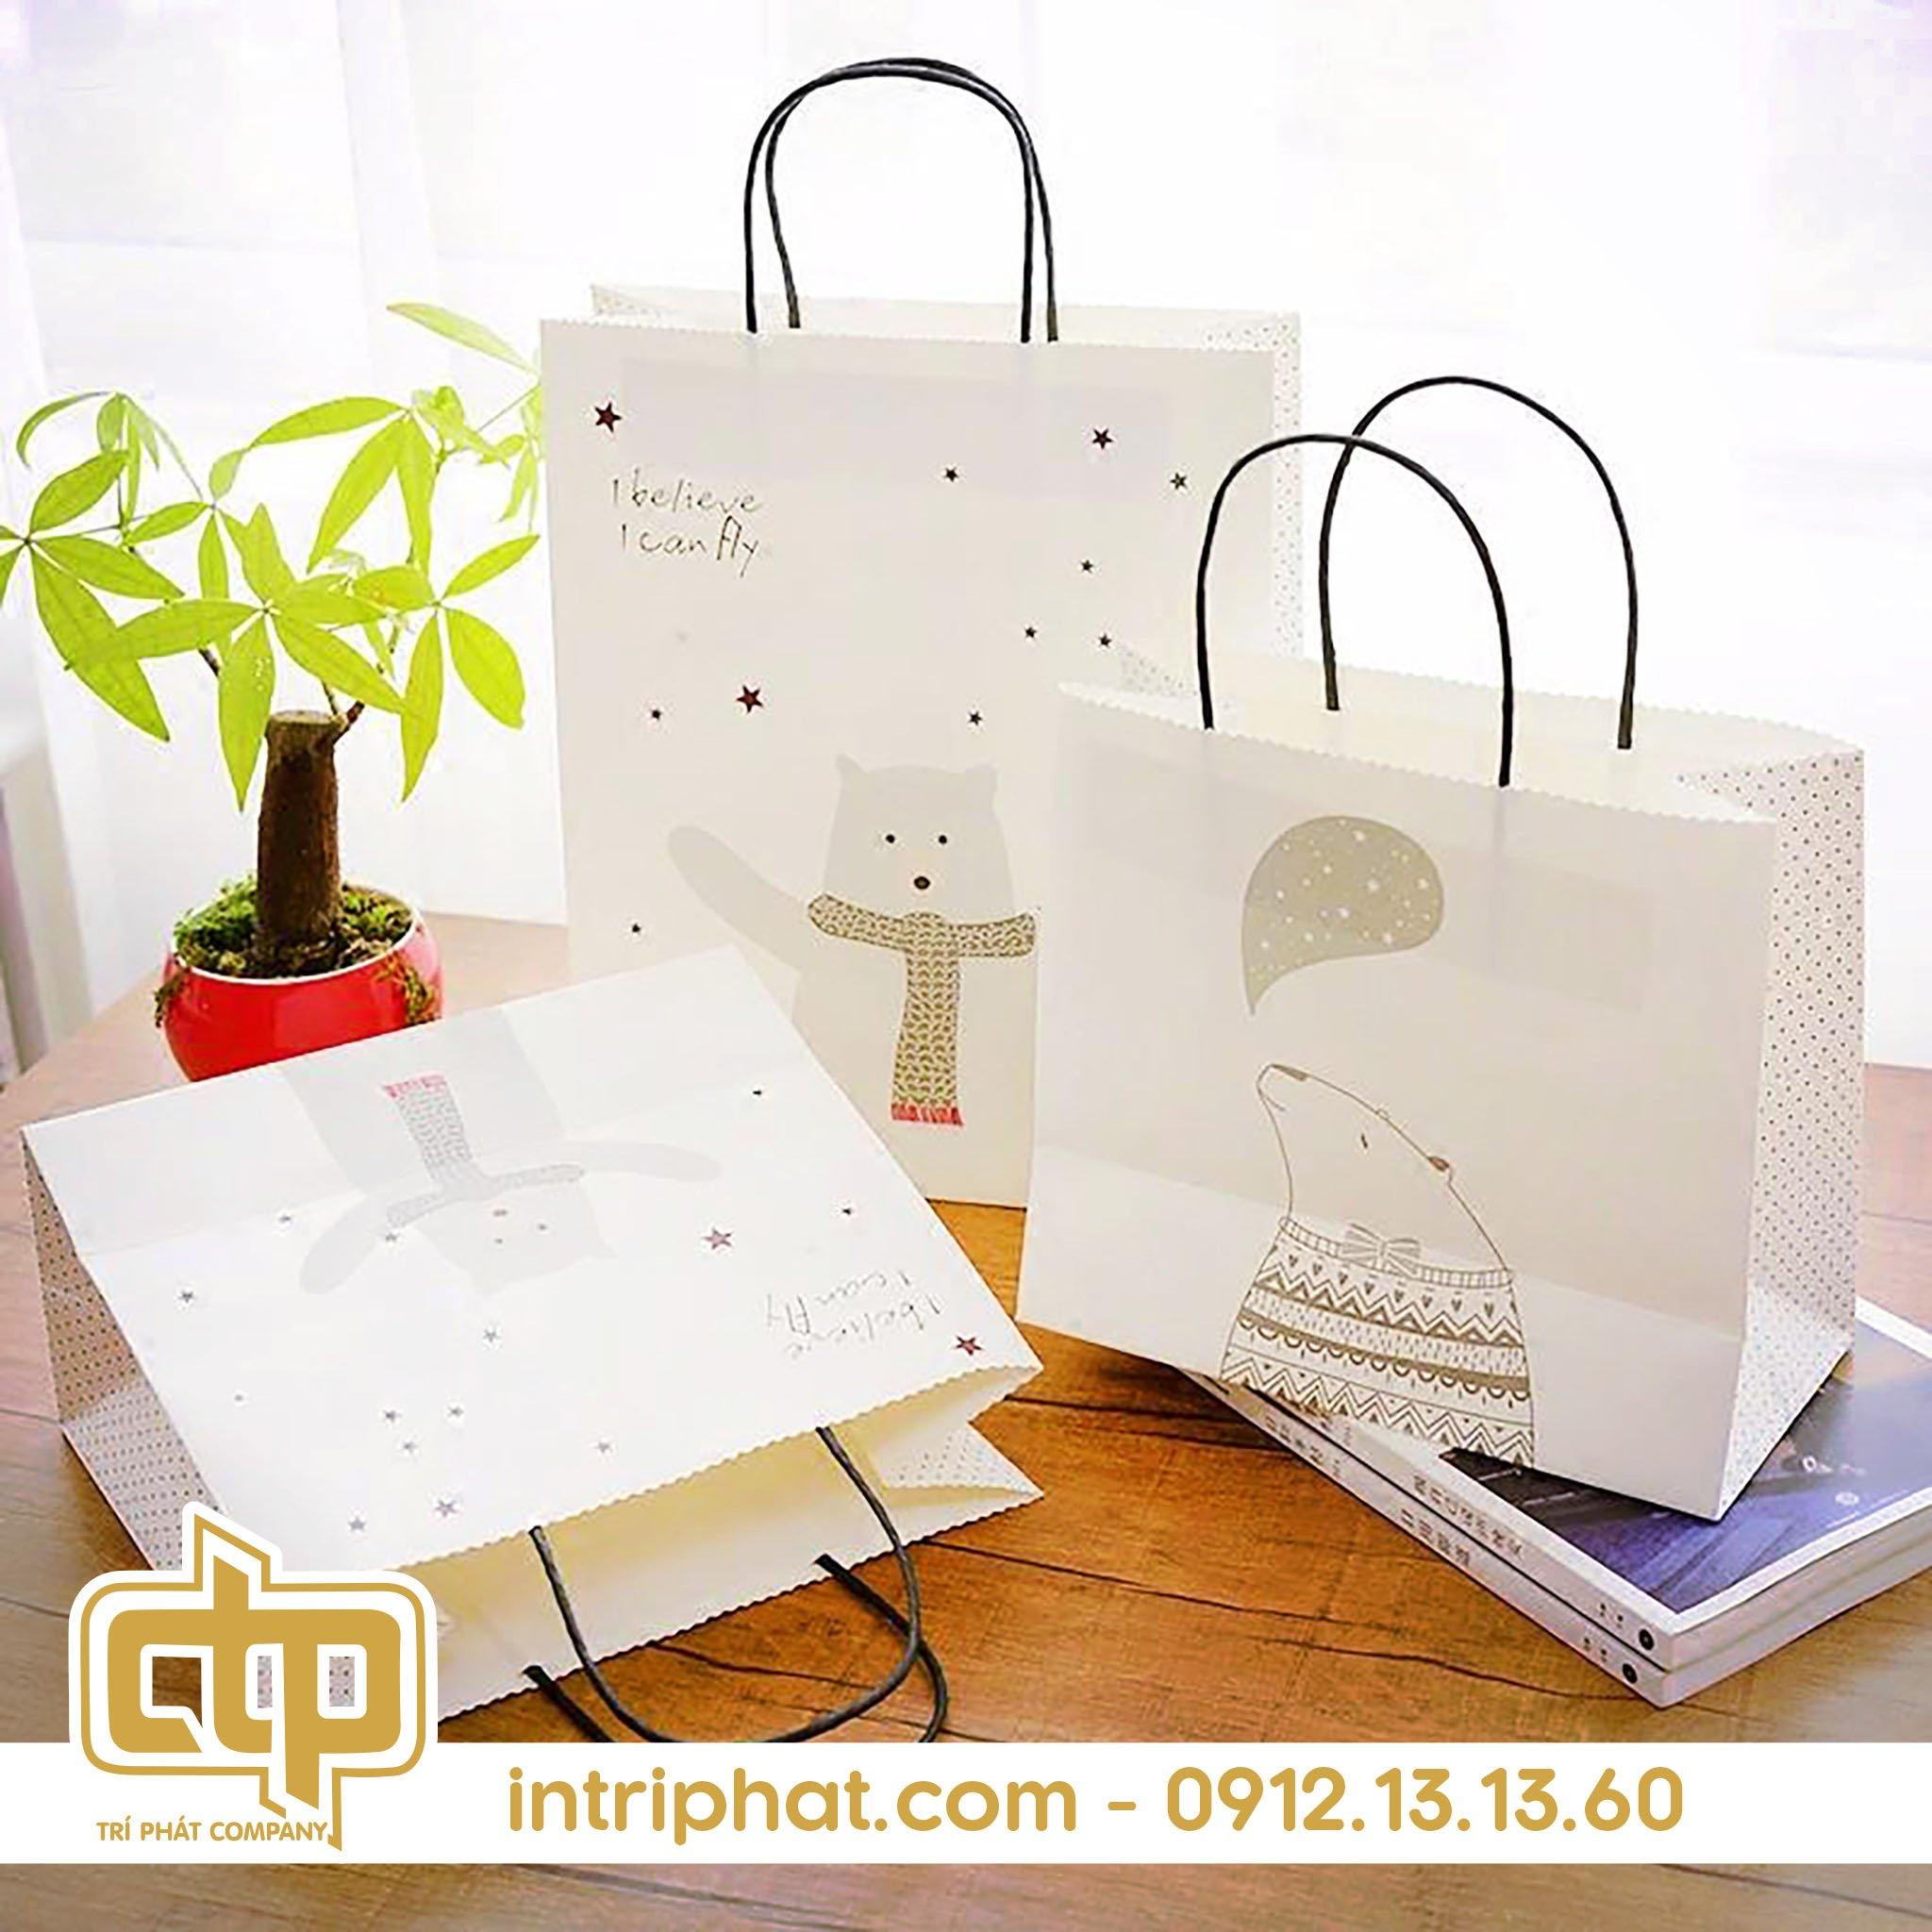 sử dụng túi giấy bảo vệ môi trường